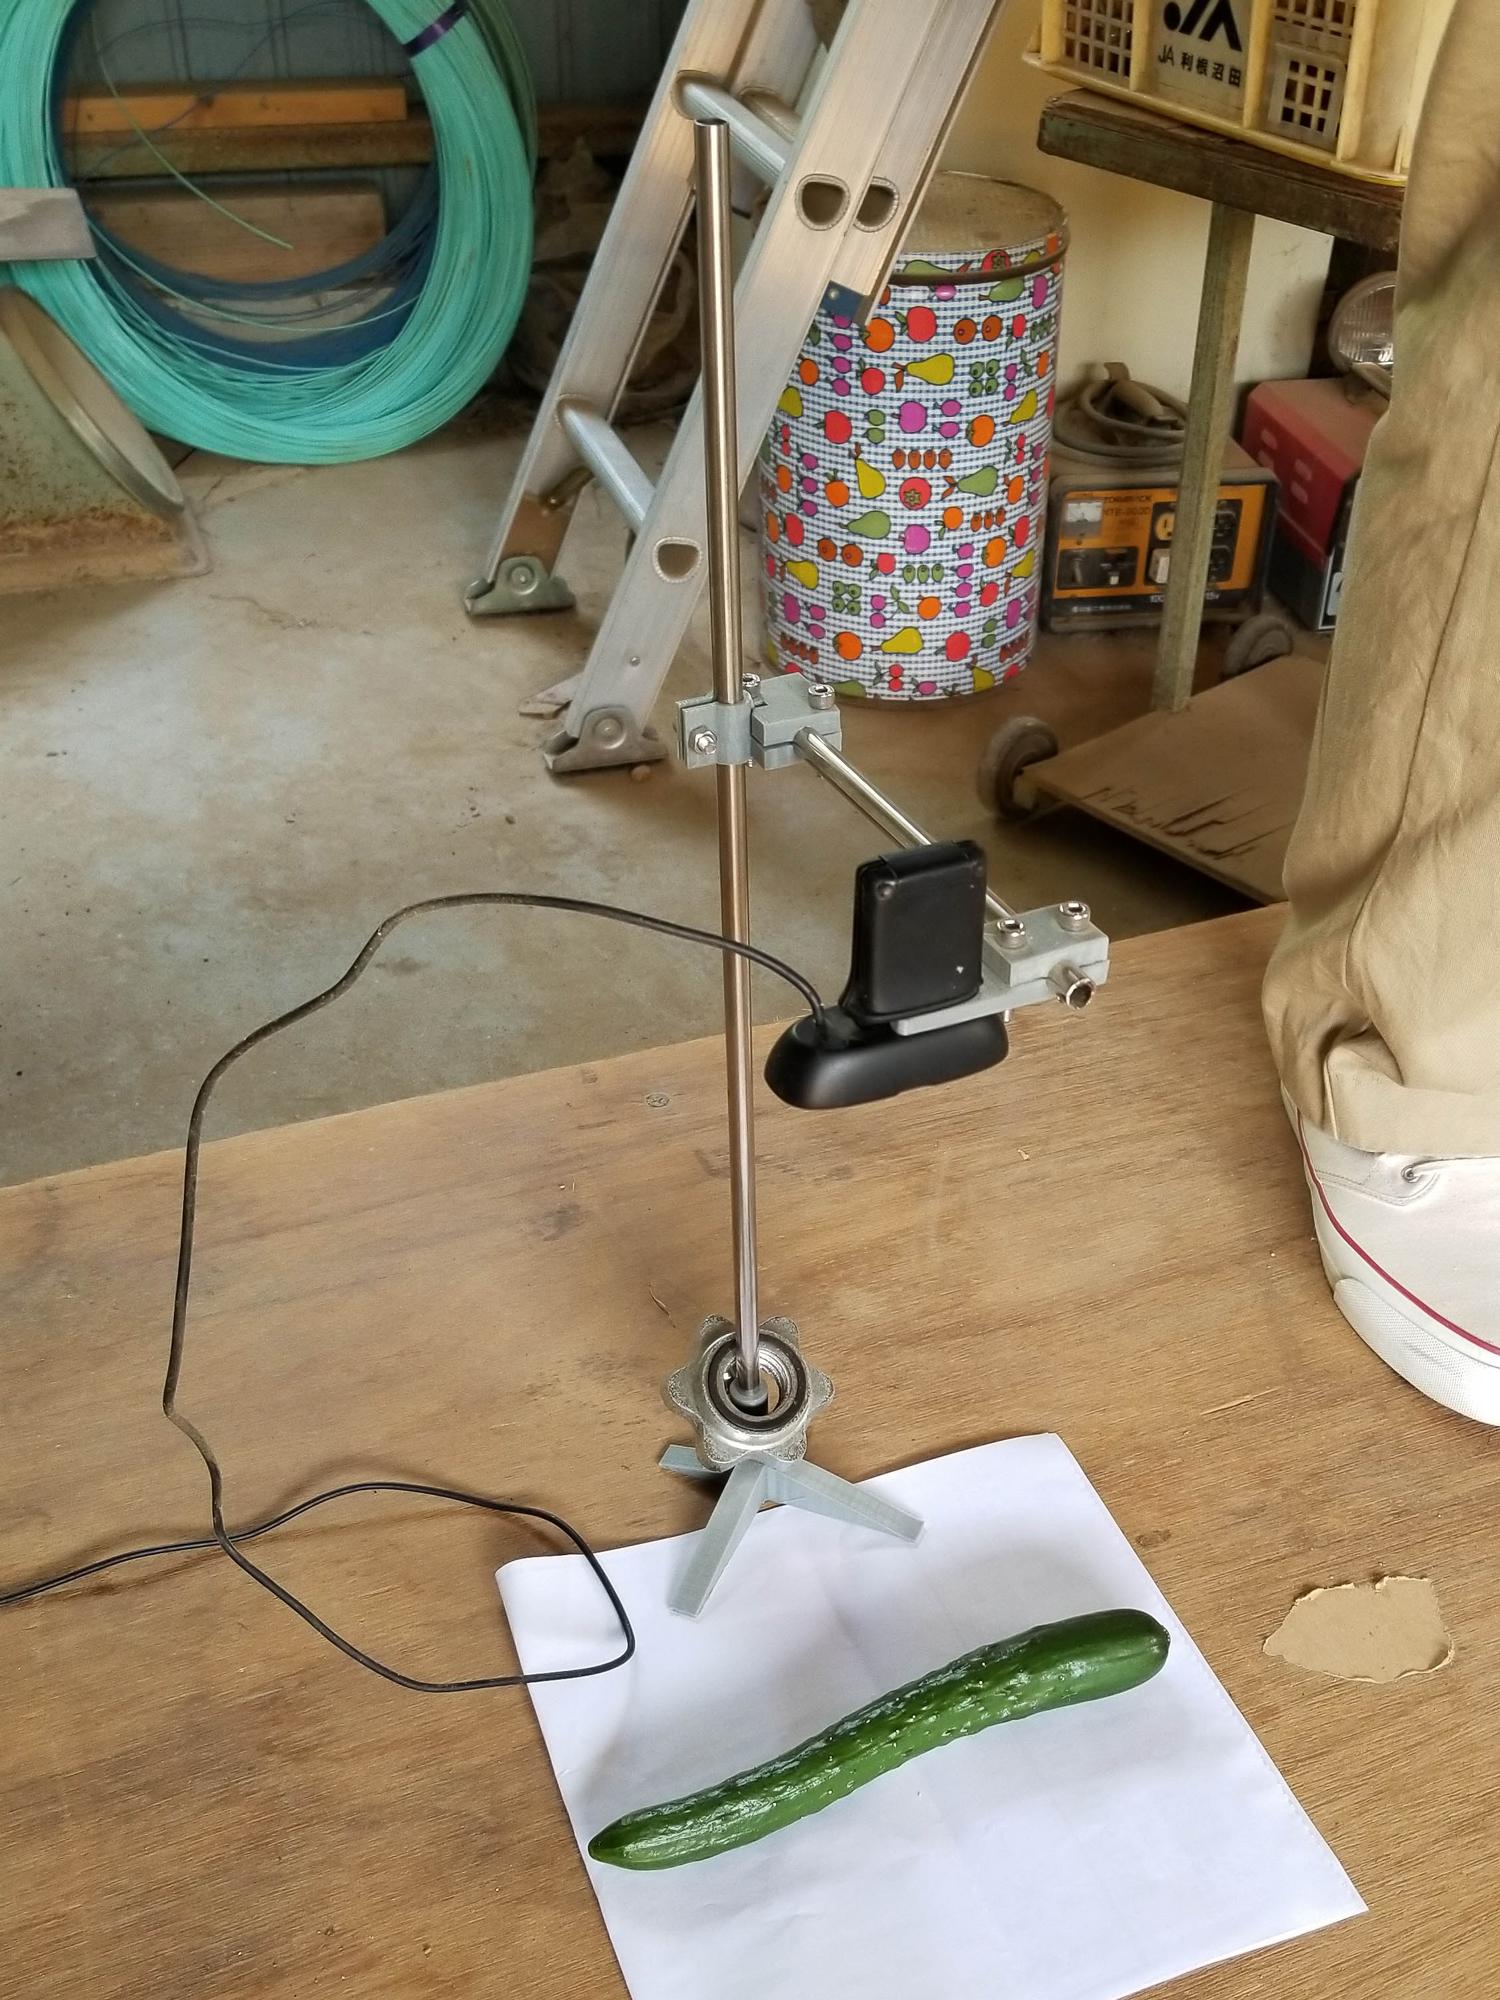 最初の実験に使用した試作1号機。アルミパイプと3Dプリンタで作った部品で自作したスタンドにウェブカメラを取り付けたもの